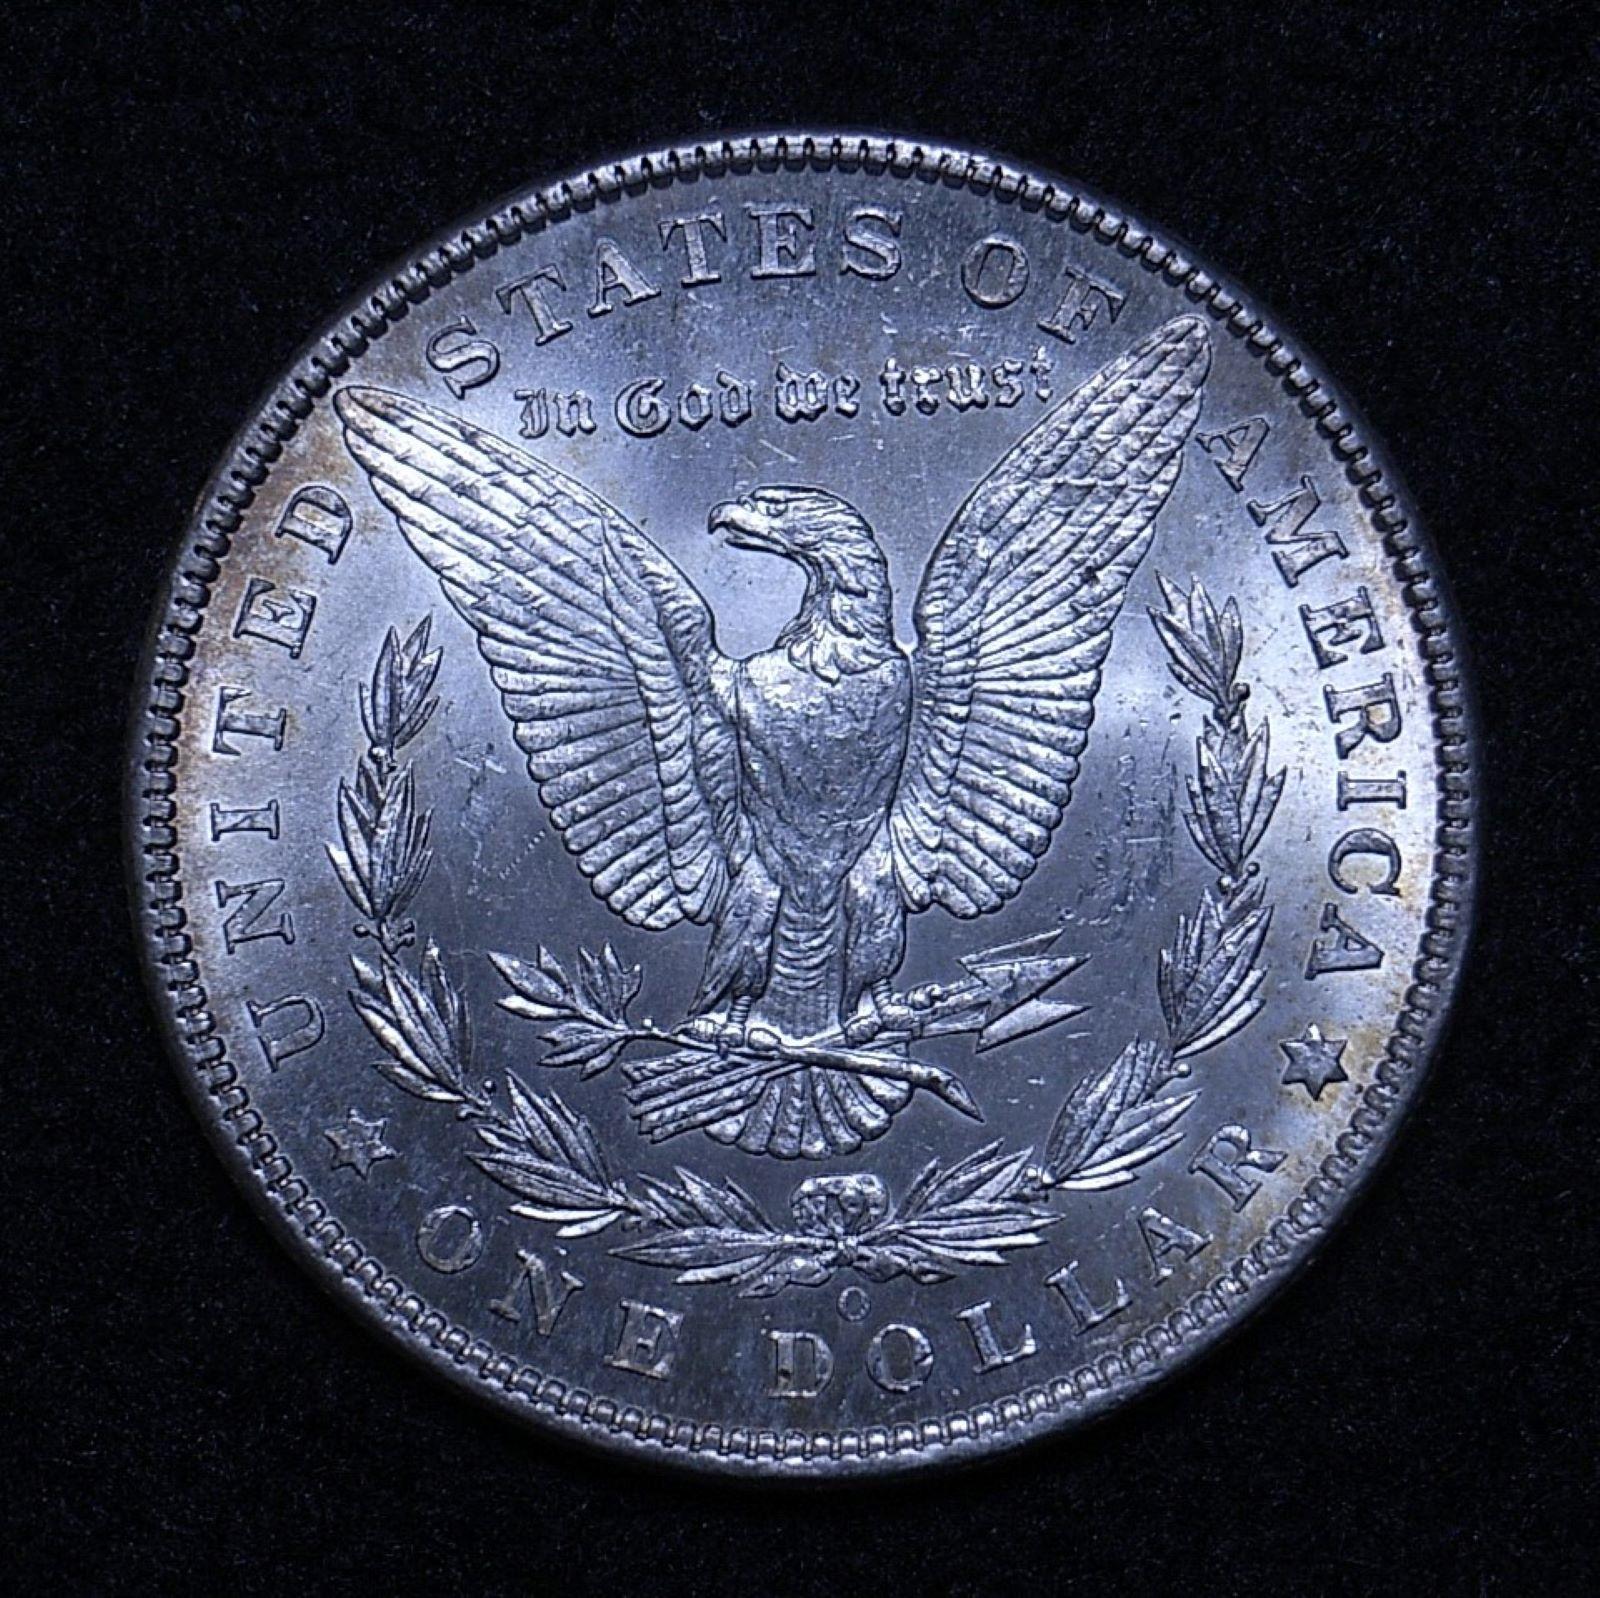 US Morgan Dollar 1902-O rev 1